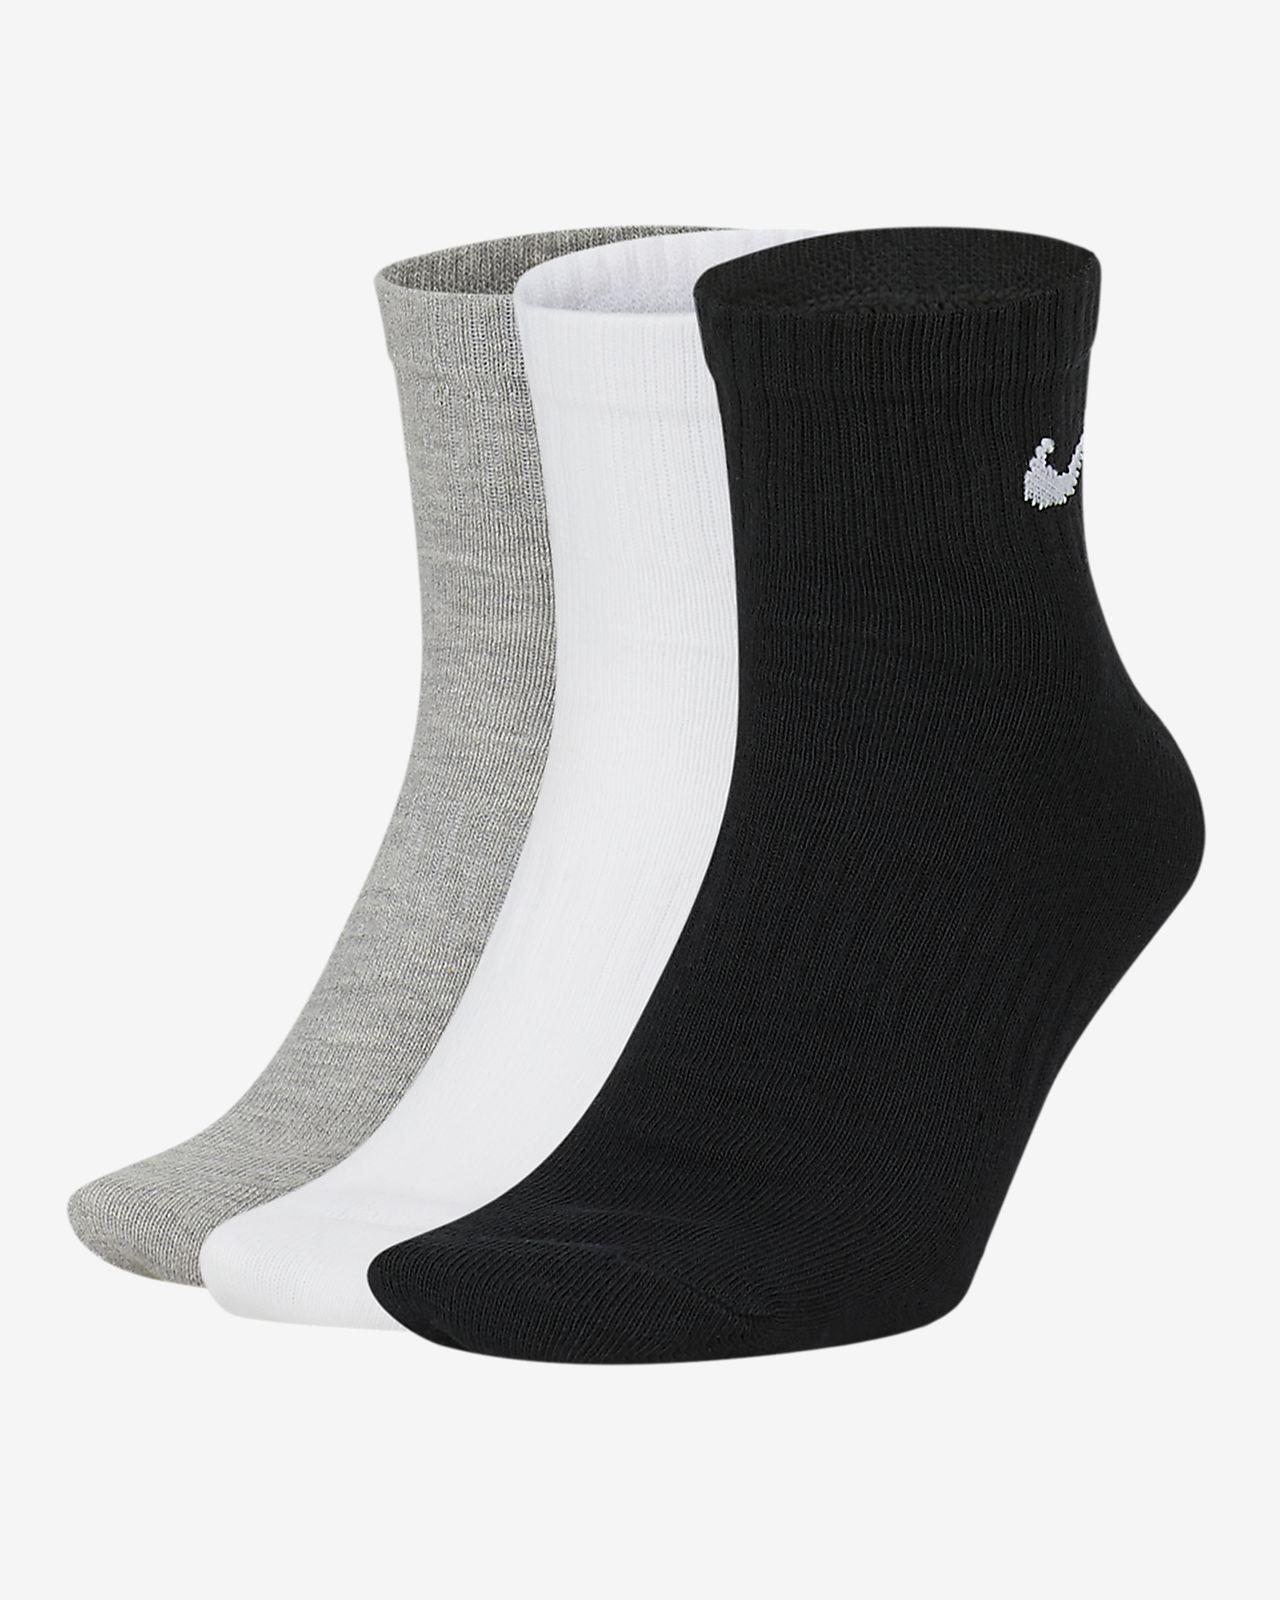 Vristhöga träningsstrumpor Nike Everyday Lightweight (3 par)